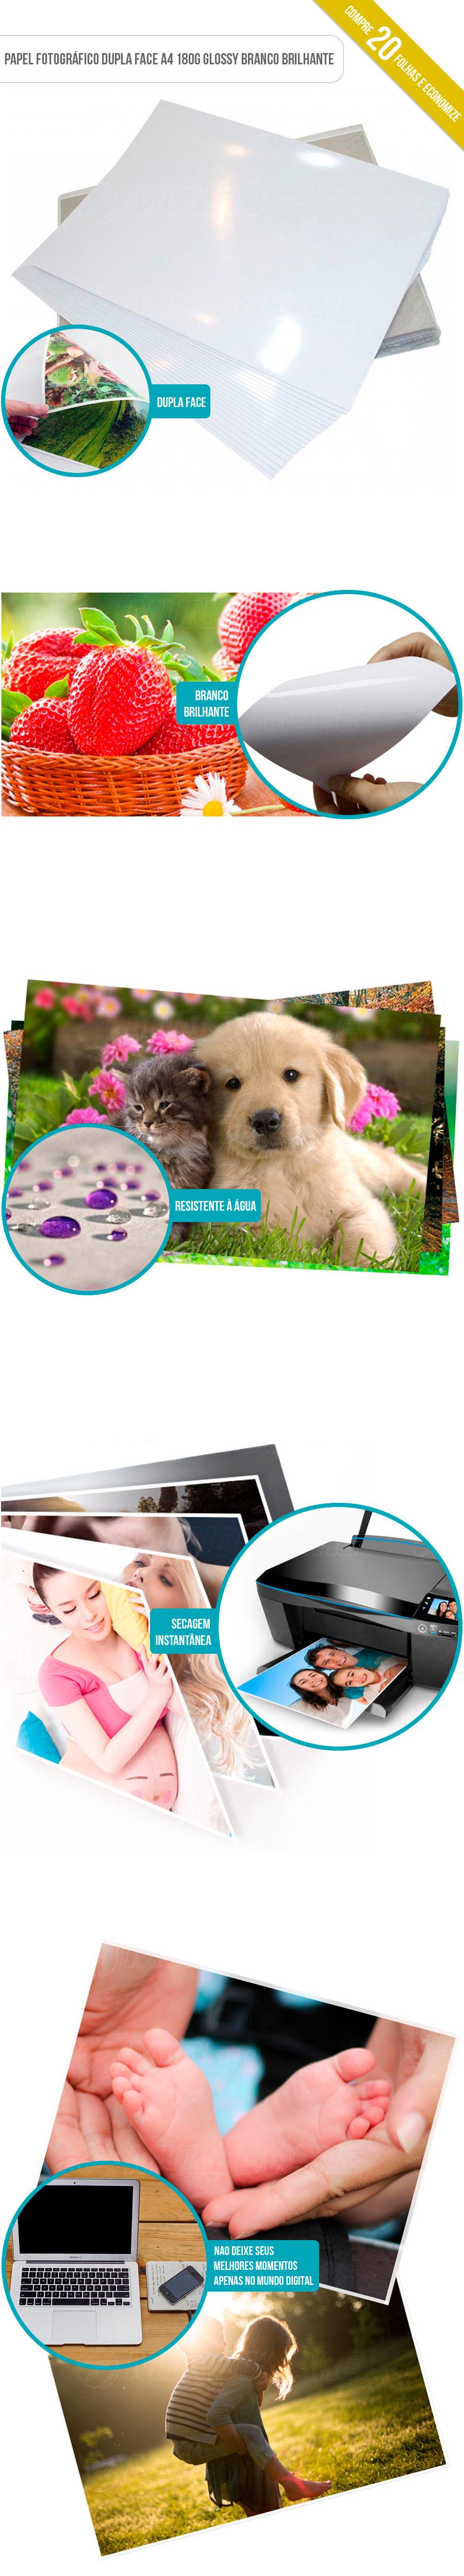 Papel Foto Dupla Face tamanho A4 180 gramatura Glossy Branco com Brilho